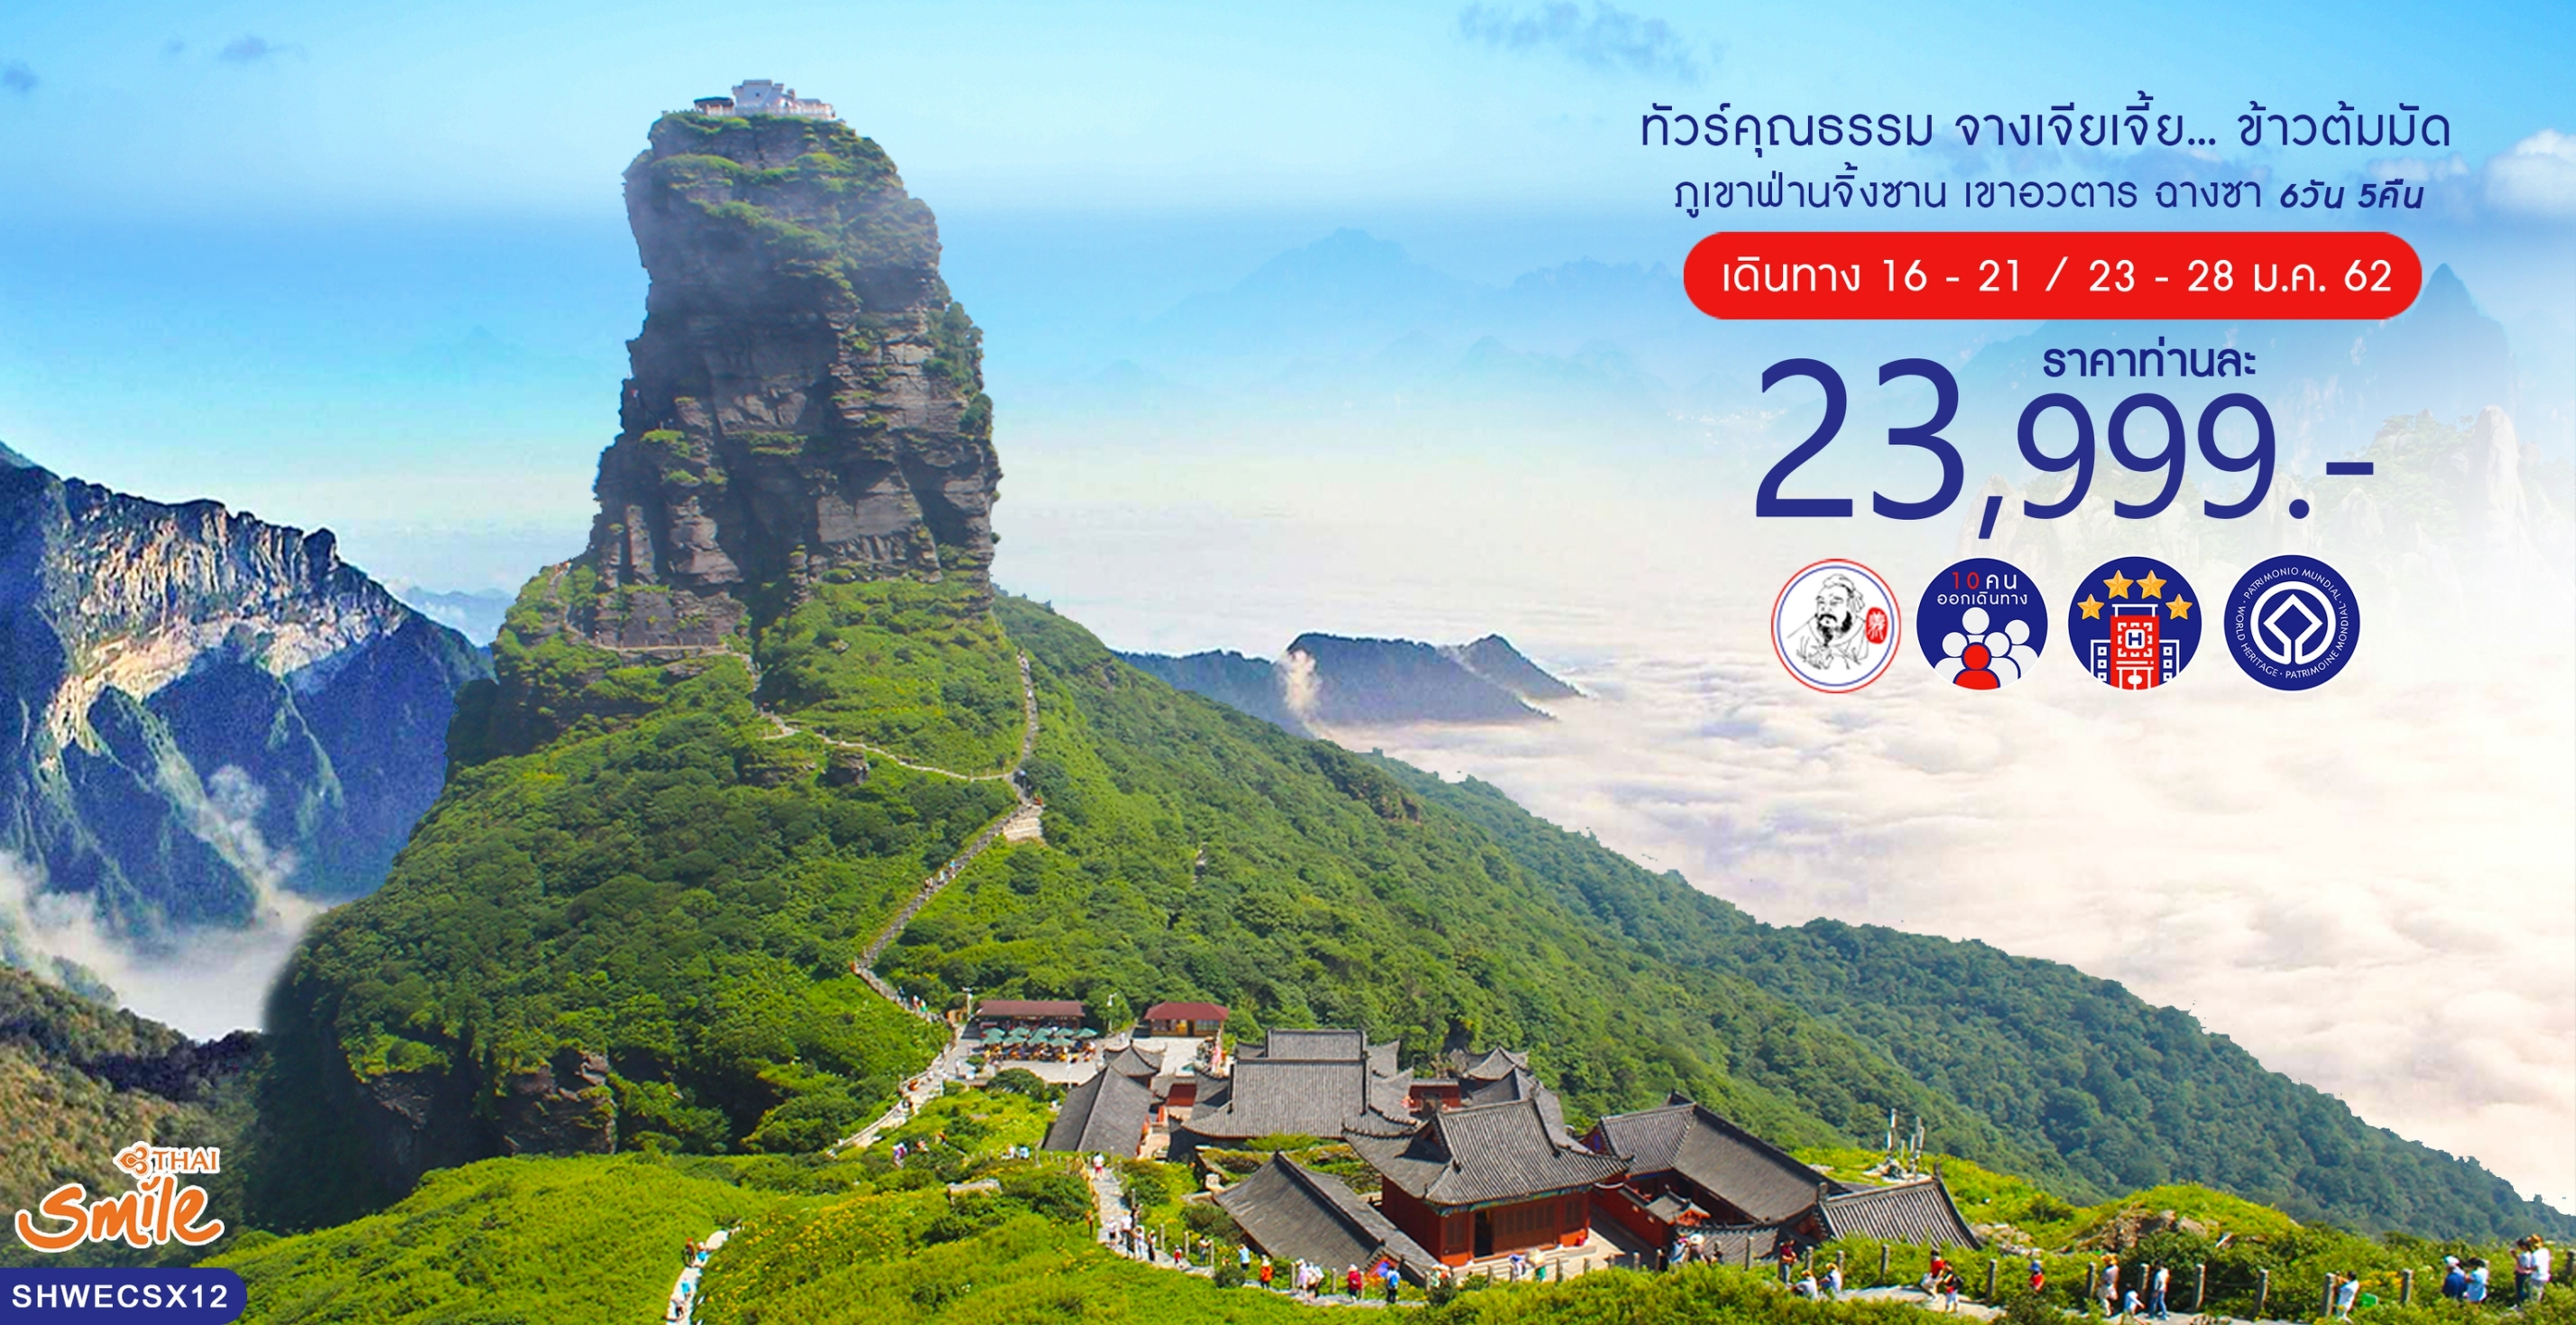 ทัวร์จีน ทัวร์คุณธรรม ทัวร์จางเจียเจี้ย...ข้าวต้มมัด ภูเขาฟ่านจิ้งซาน เขาอวตาร ฉางซา 6 วัน 5 คืน (WE)